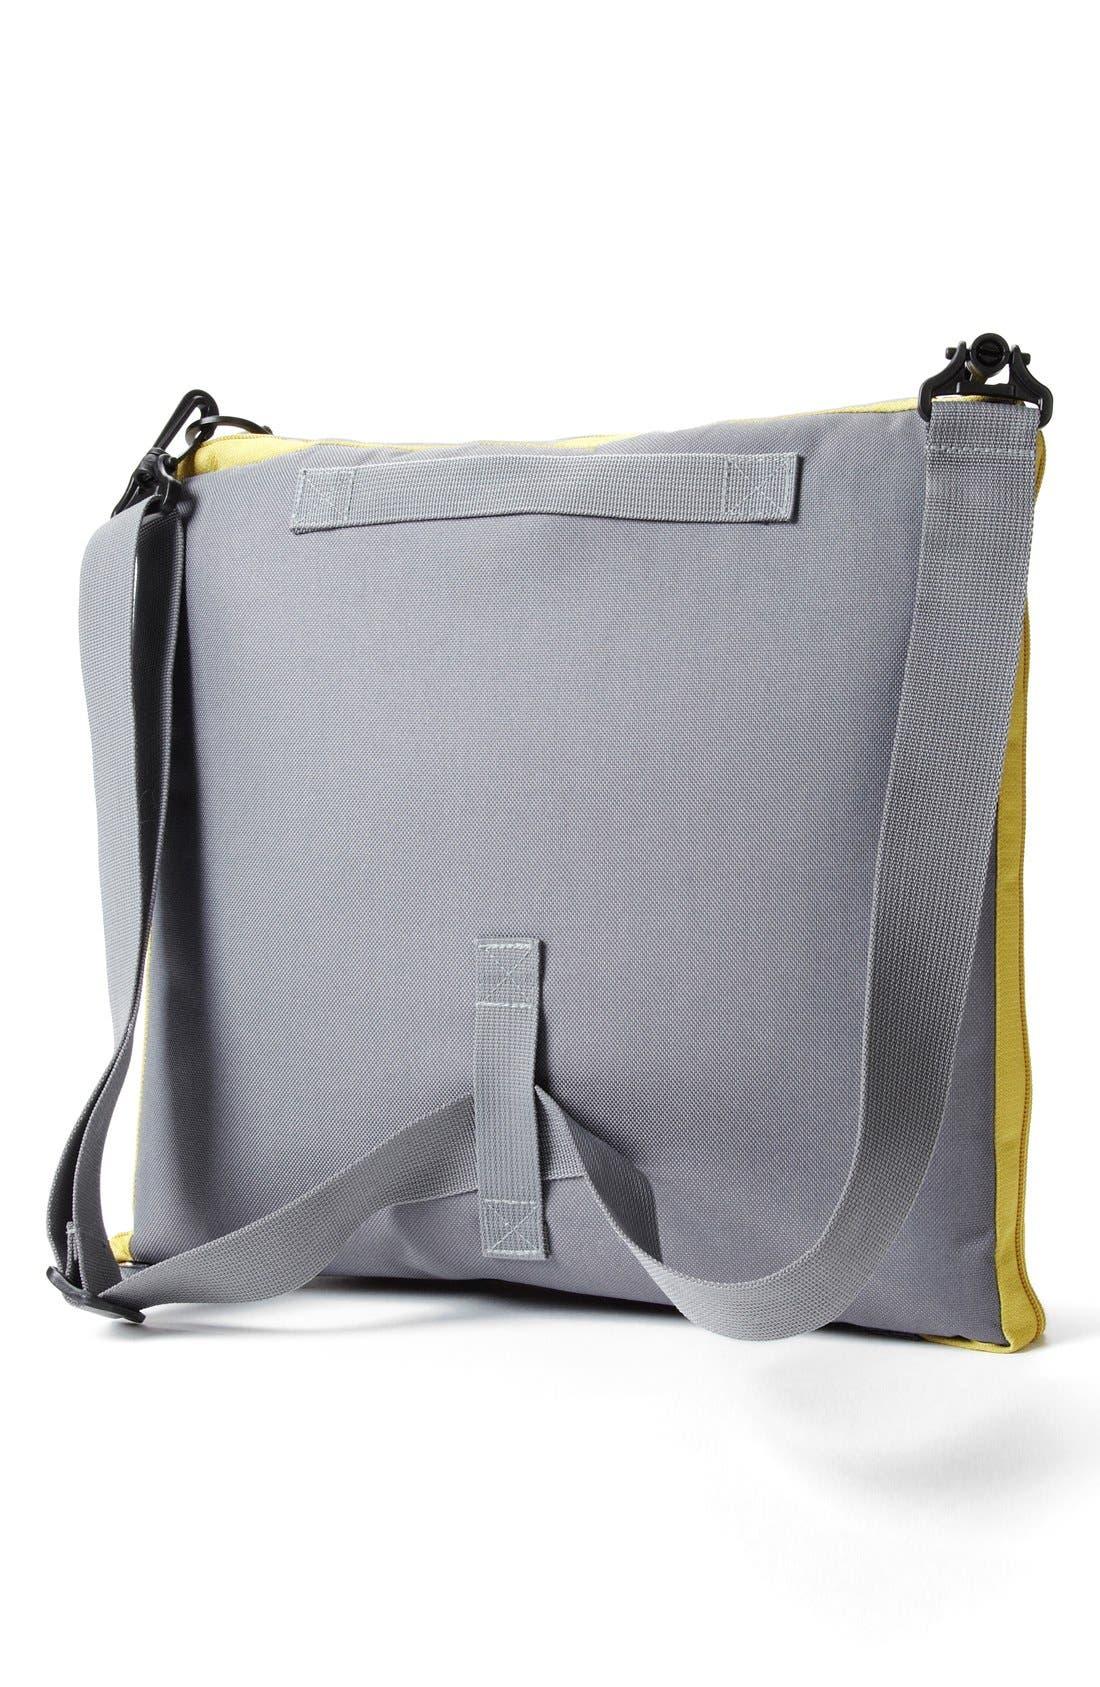 Alternate Image 2  - Skip Hop 'Central Park' Outdoor Blanket & Cooler Bag